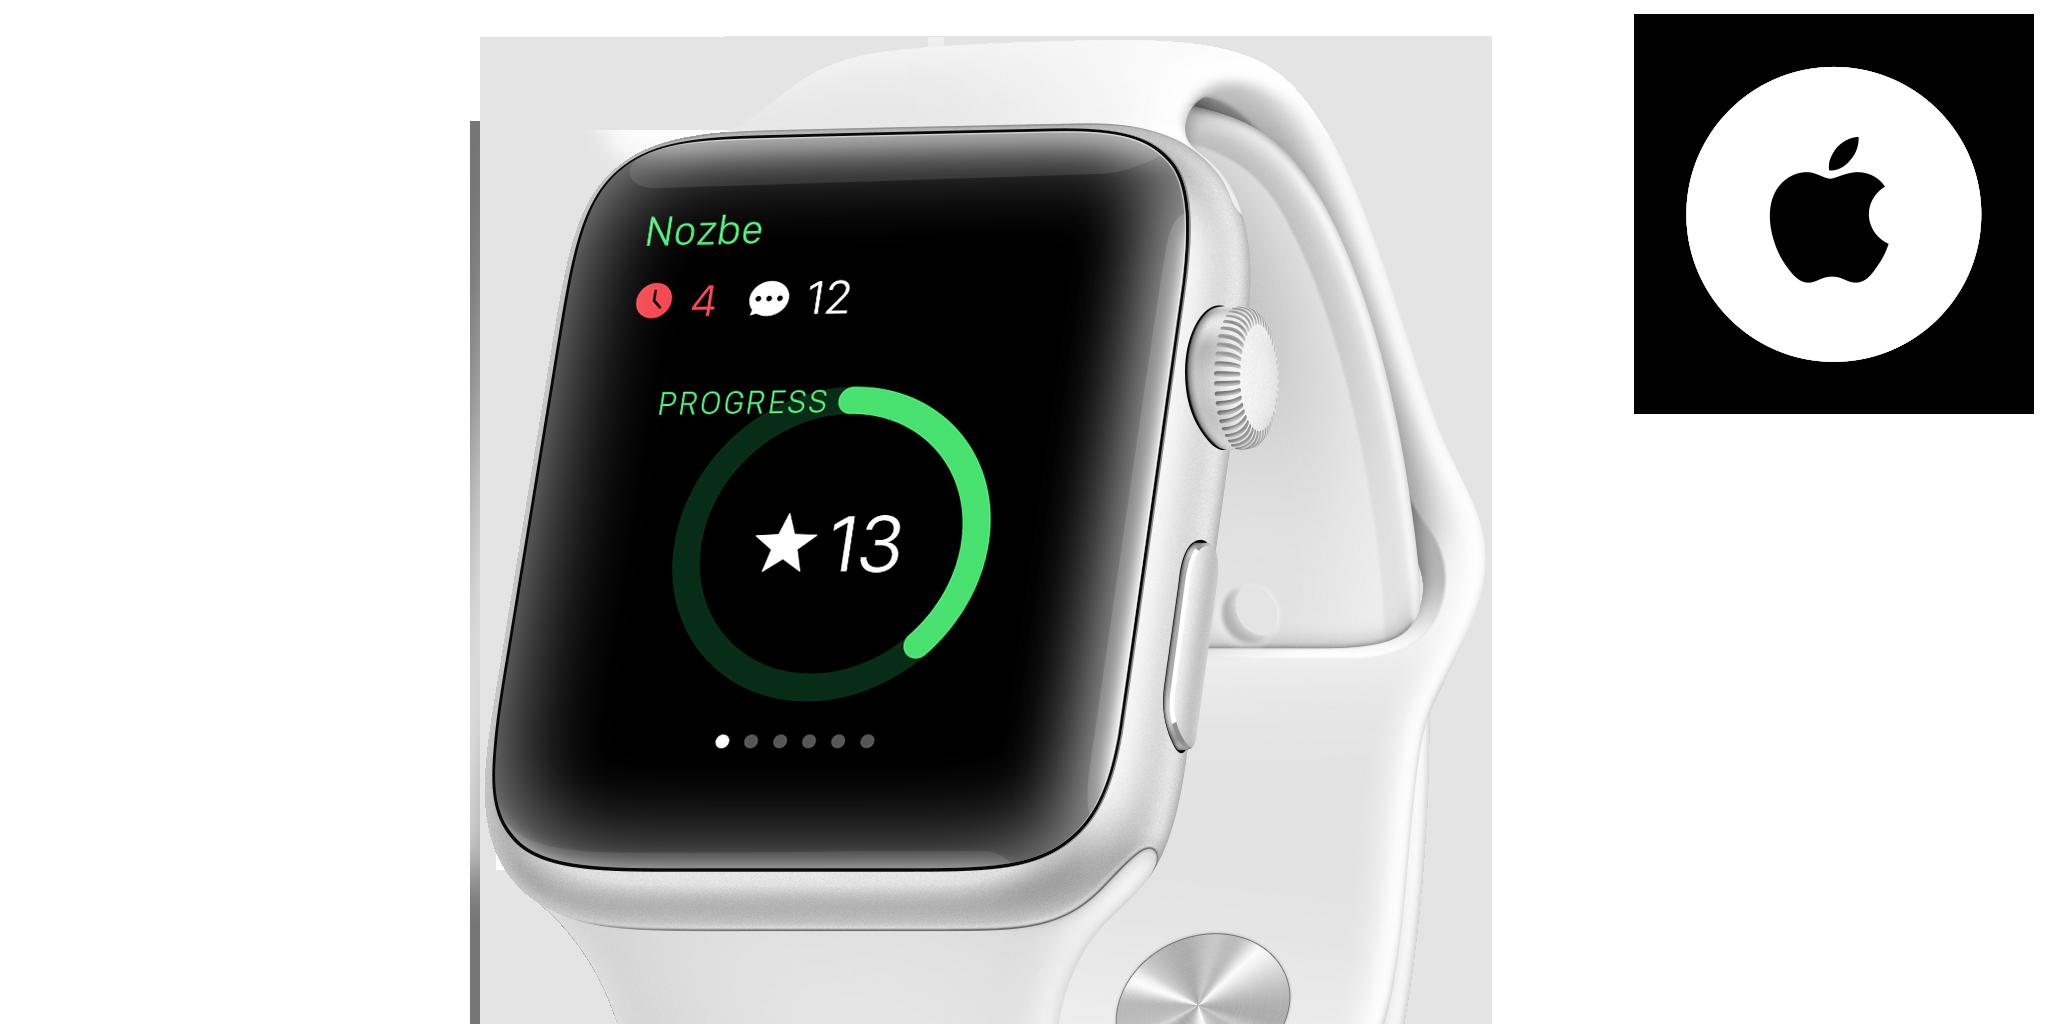 Nozbe Watch App